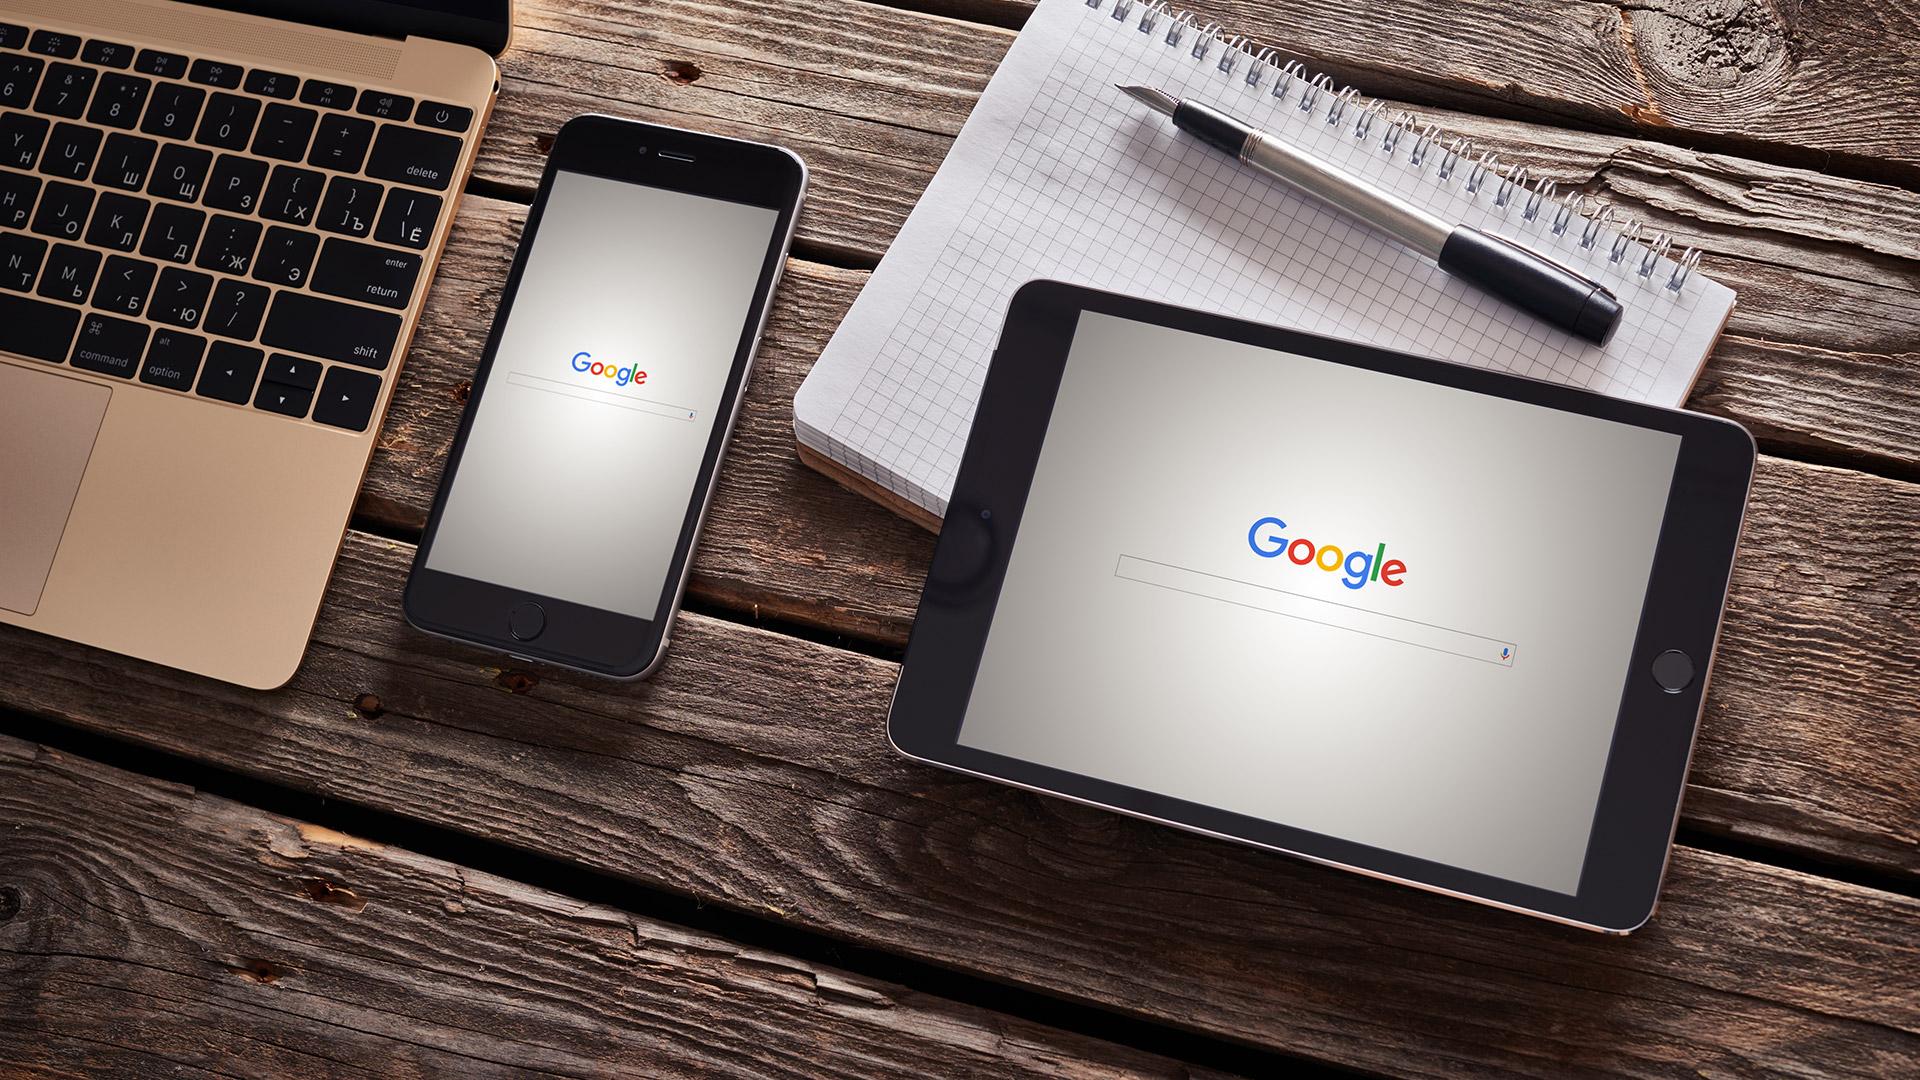 60% các tìm kiếm hiện nay là trên các thiết bị di động